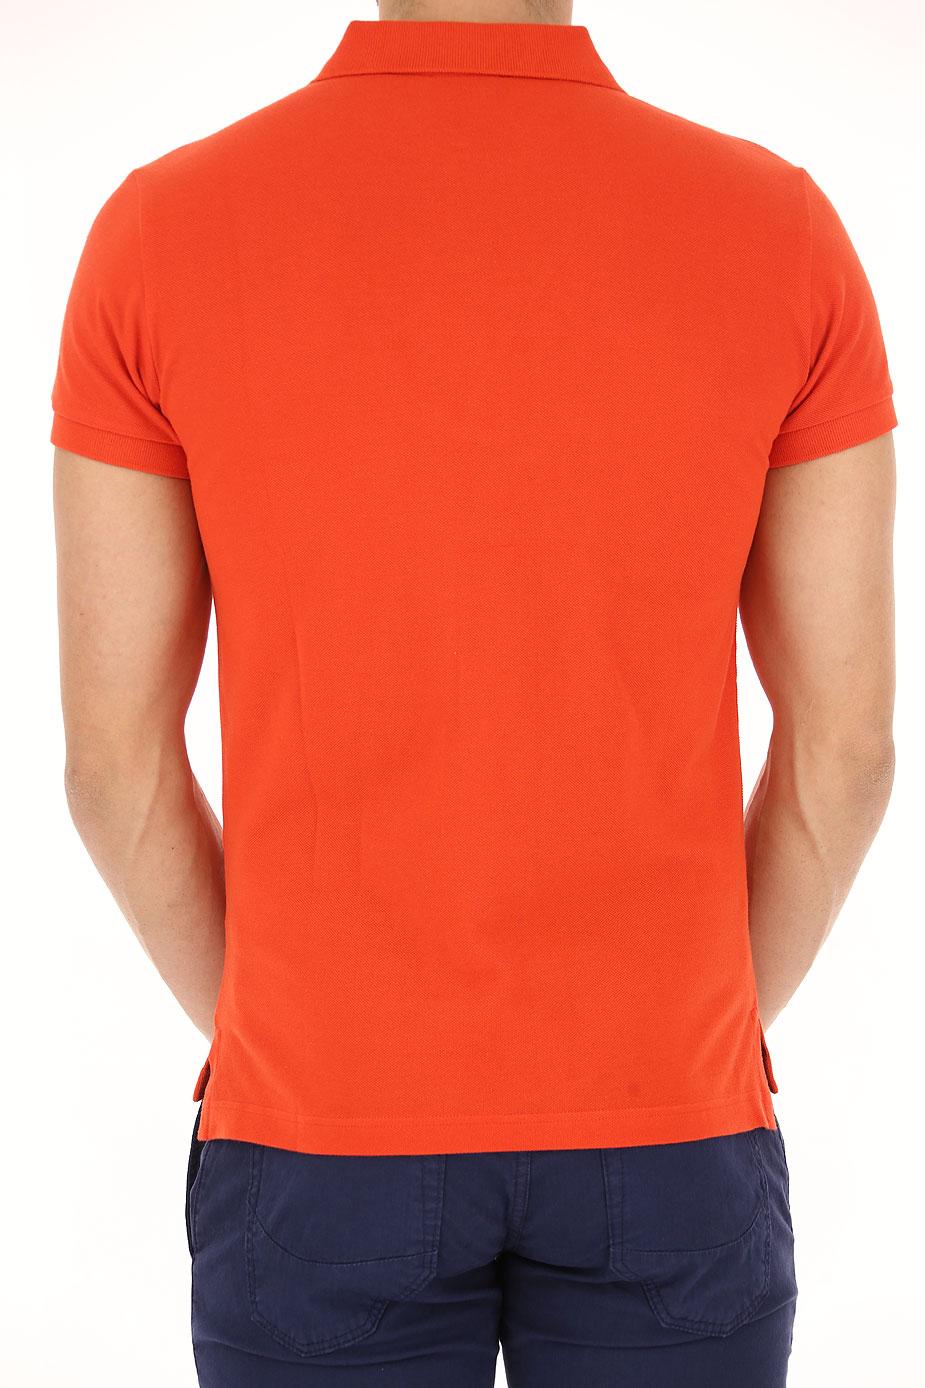 Articolo 601 Uomo Etro Codice 9367 Codice Abbigliamento 1y601 Uomo Abbigliamento Etro TqfWBOw